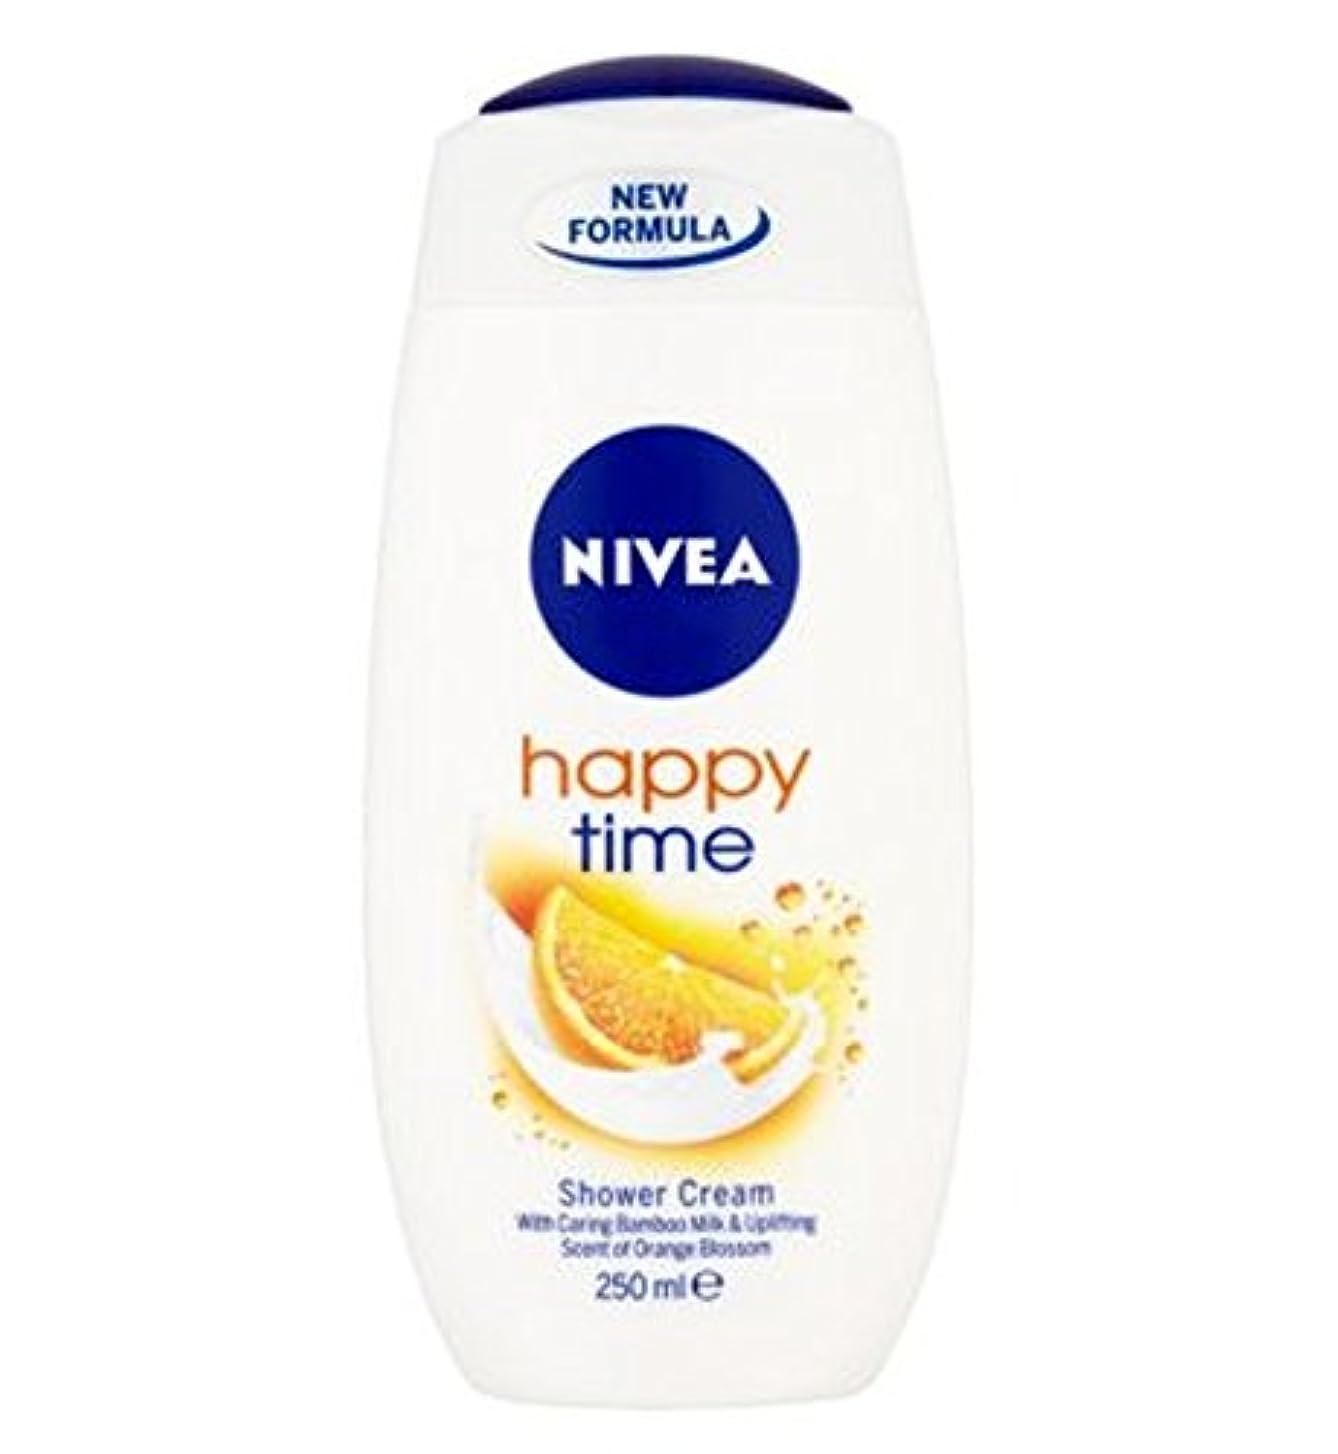 合意選ぶきらめくニベア幸せな時間シャワークリーム250ミリリットル (Nivea) (x2) - NIVEA Happy Time Shower Cream 250ml (Pack of 2) [並行輸入品]